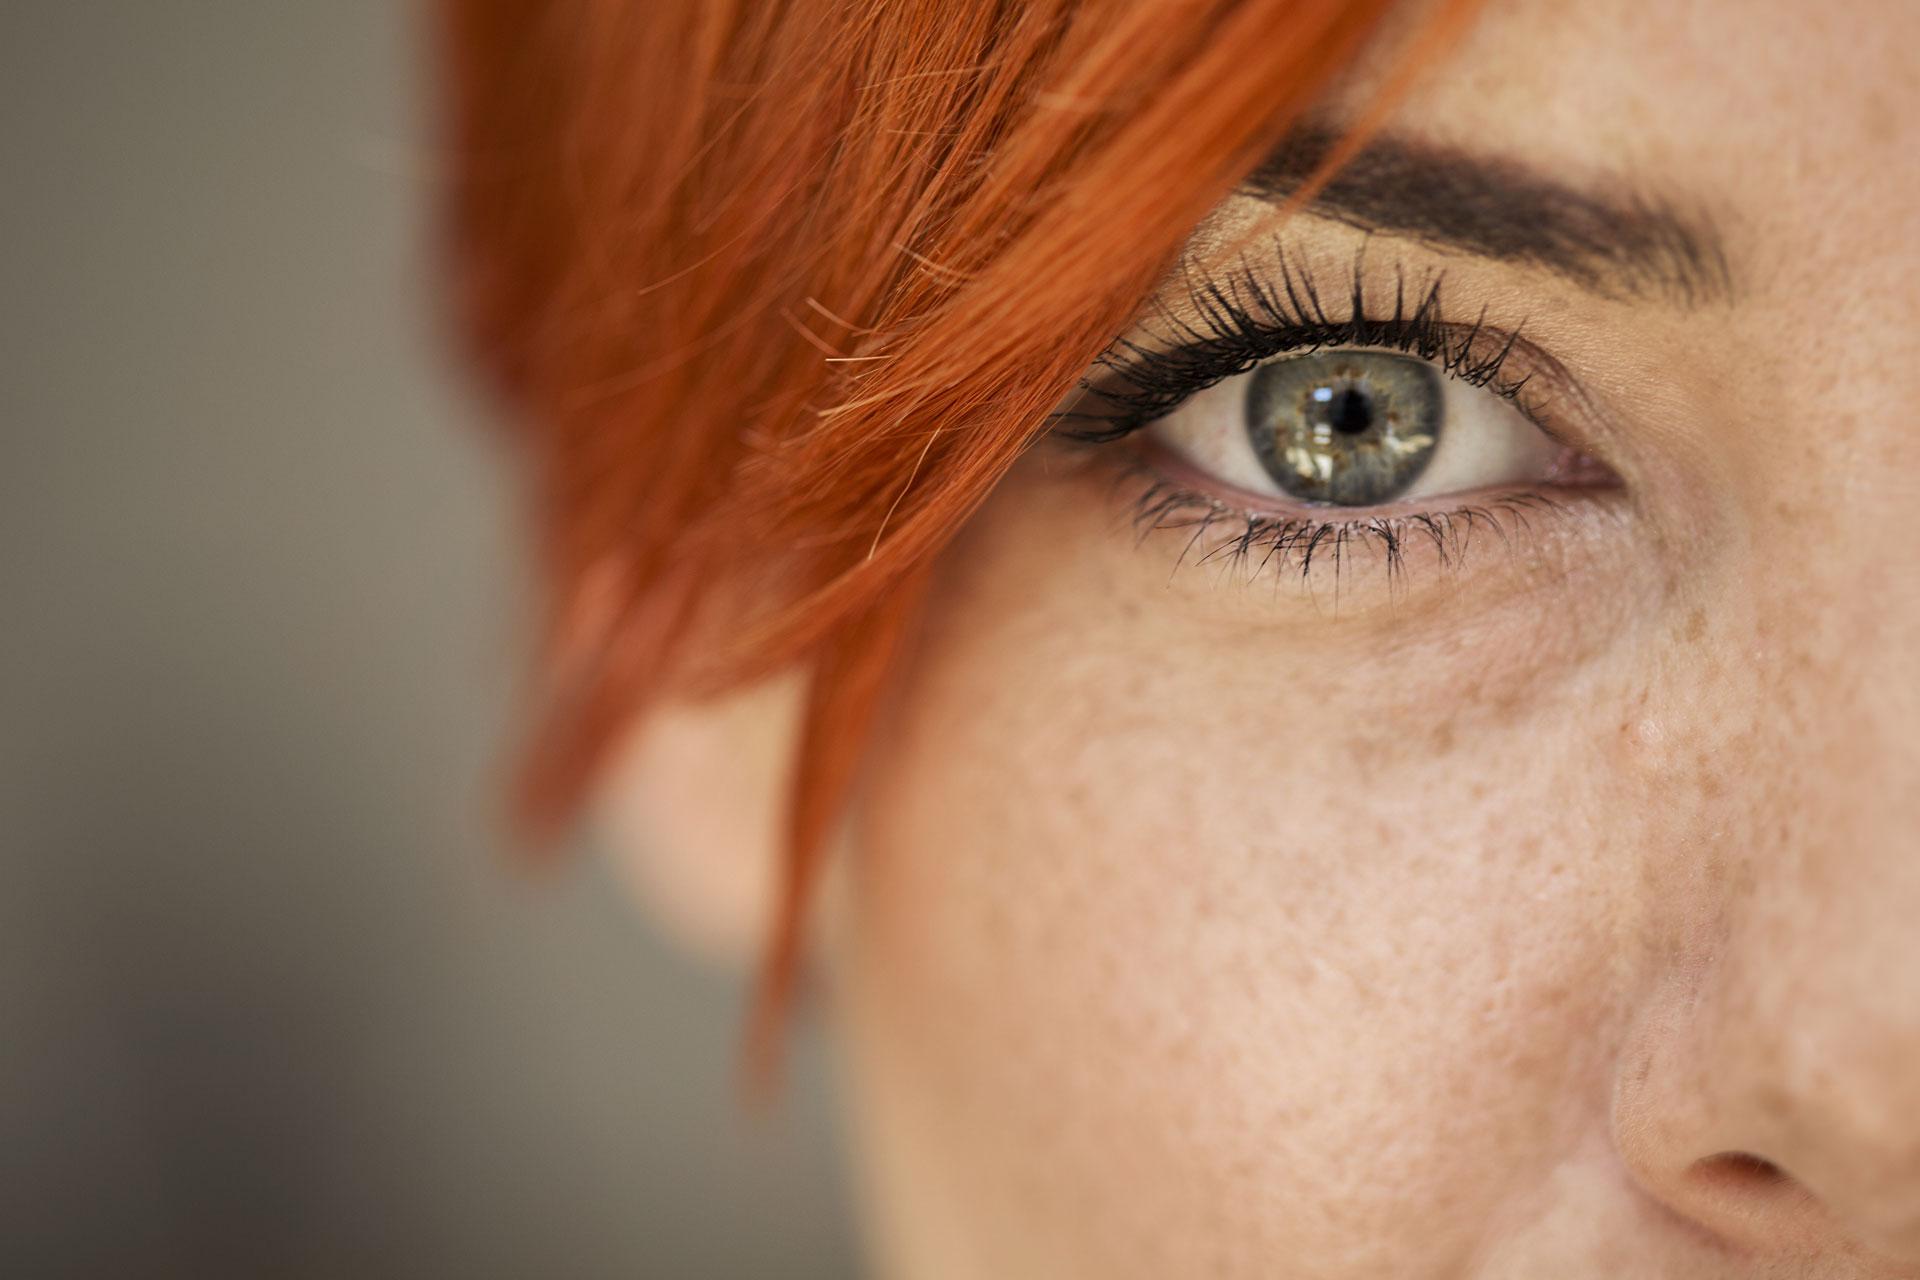 vederea s-a deteriorat după efort naște dacă vederea este slabă